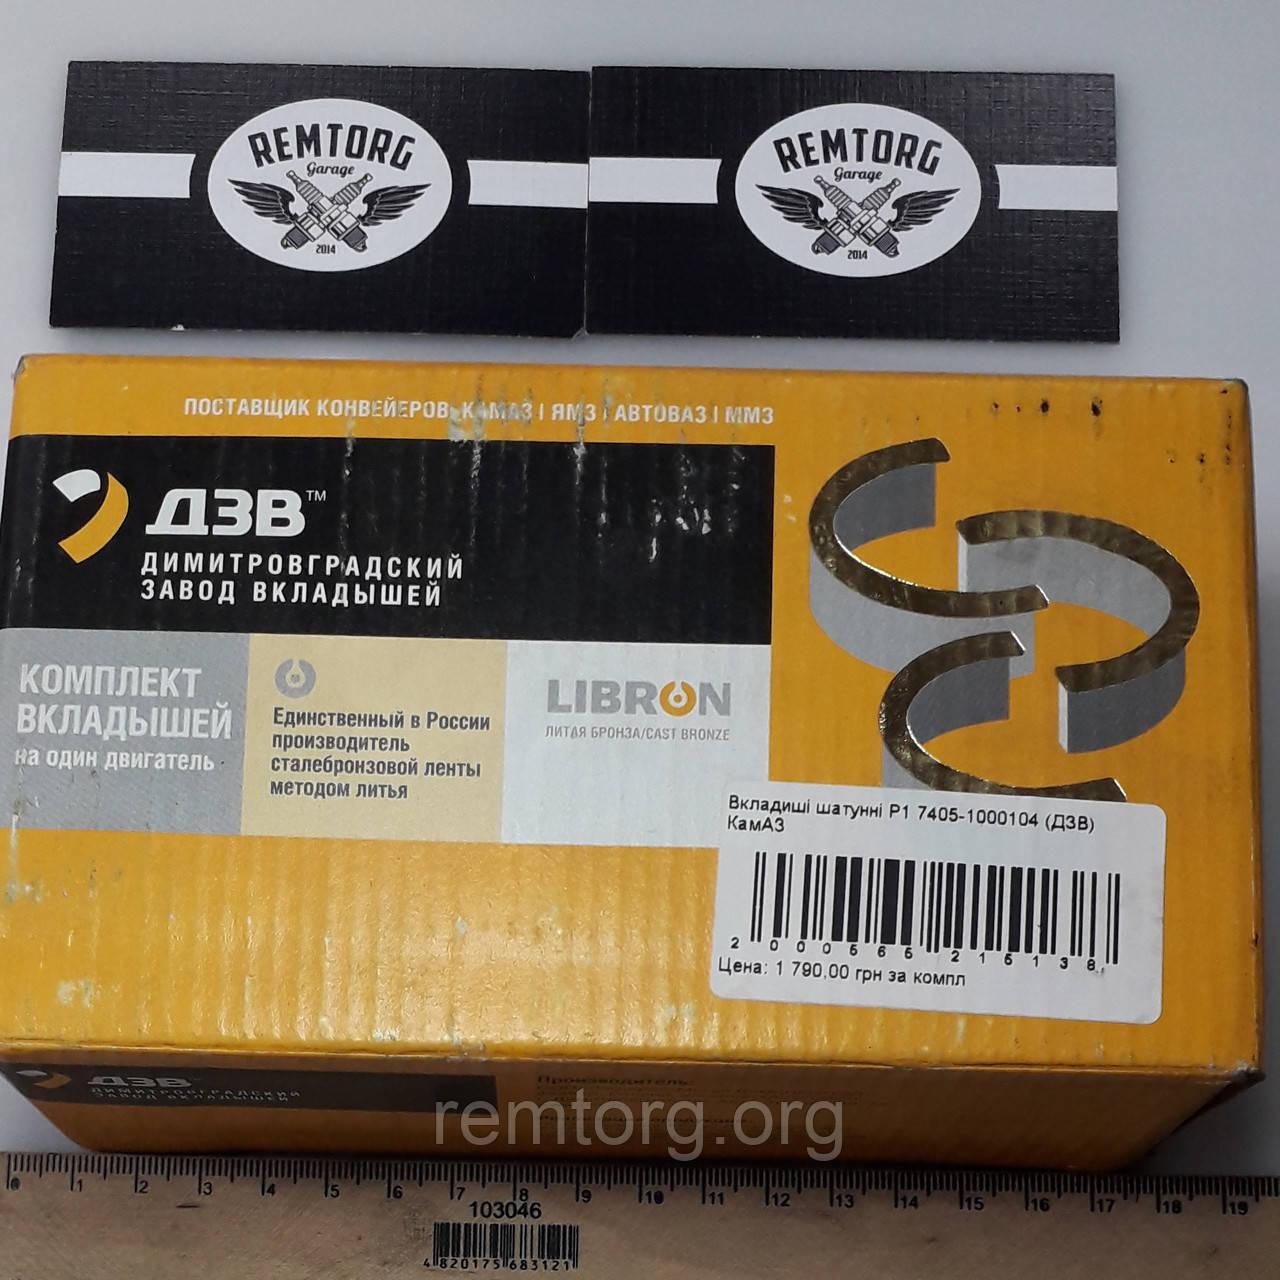 Вкладиші шатунні Р1 7405-1000104 (ДЗВ) КамАЗ